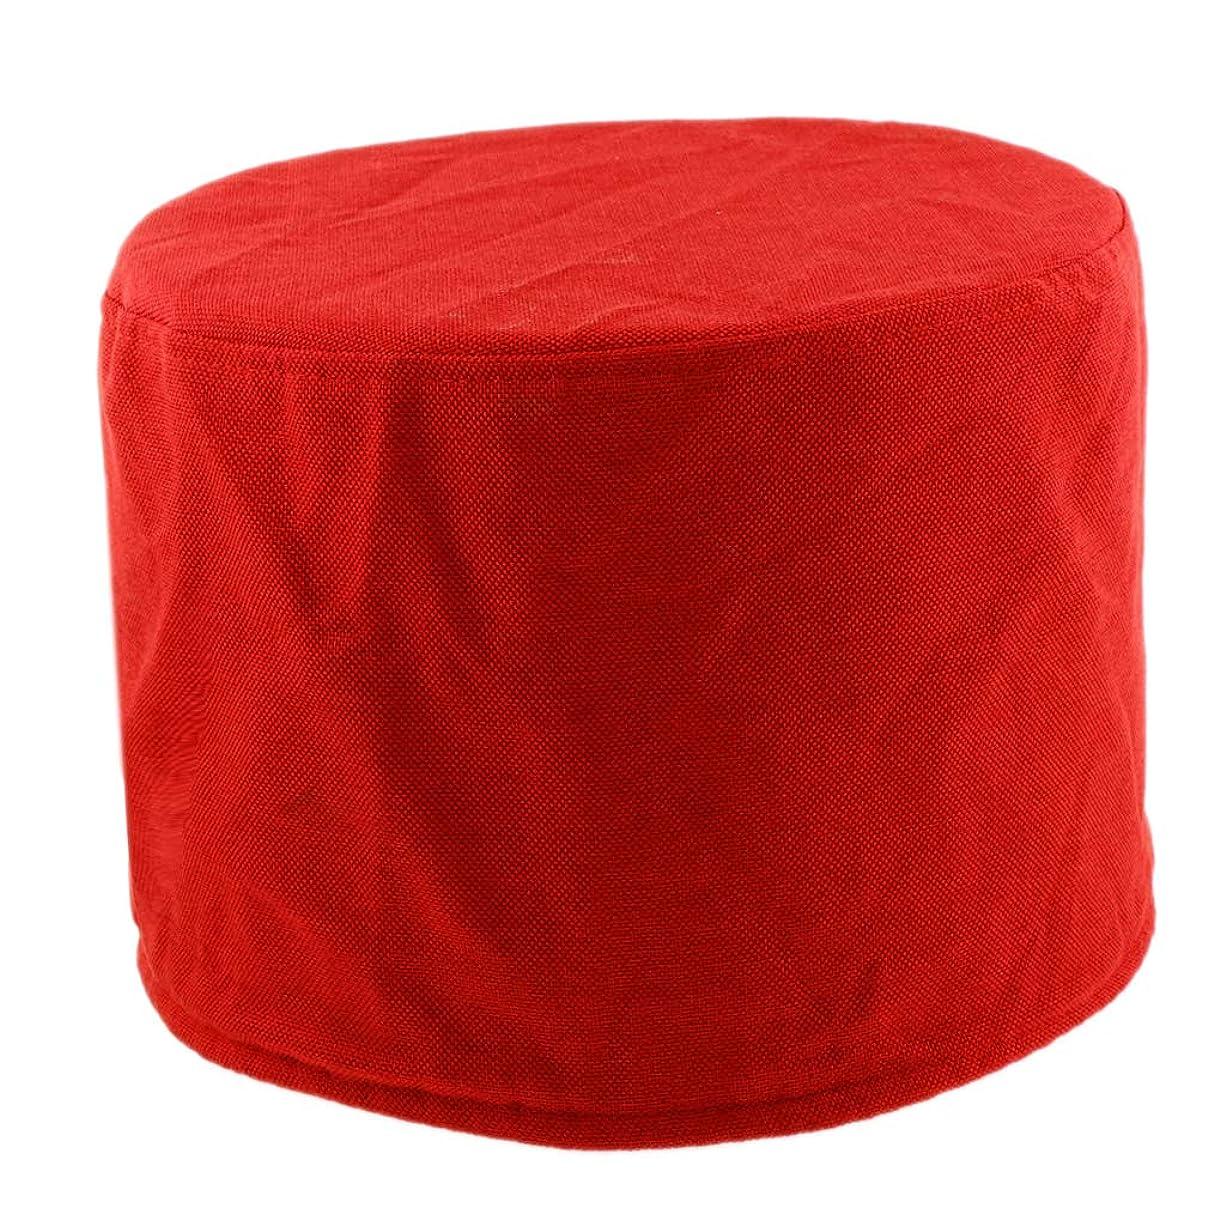 PETSOLA スツールカバー インテリア コットン ラウンド 通気性 洗濯可能 直径28cmのスツールに適合全8色 - レッド